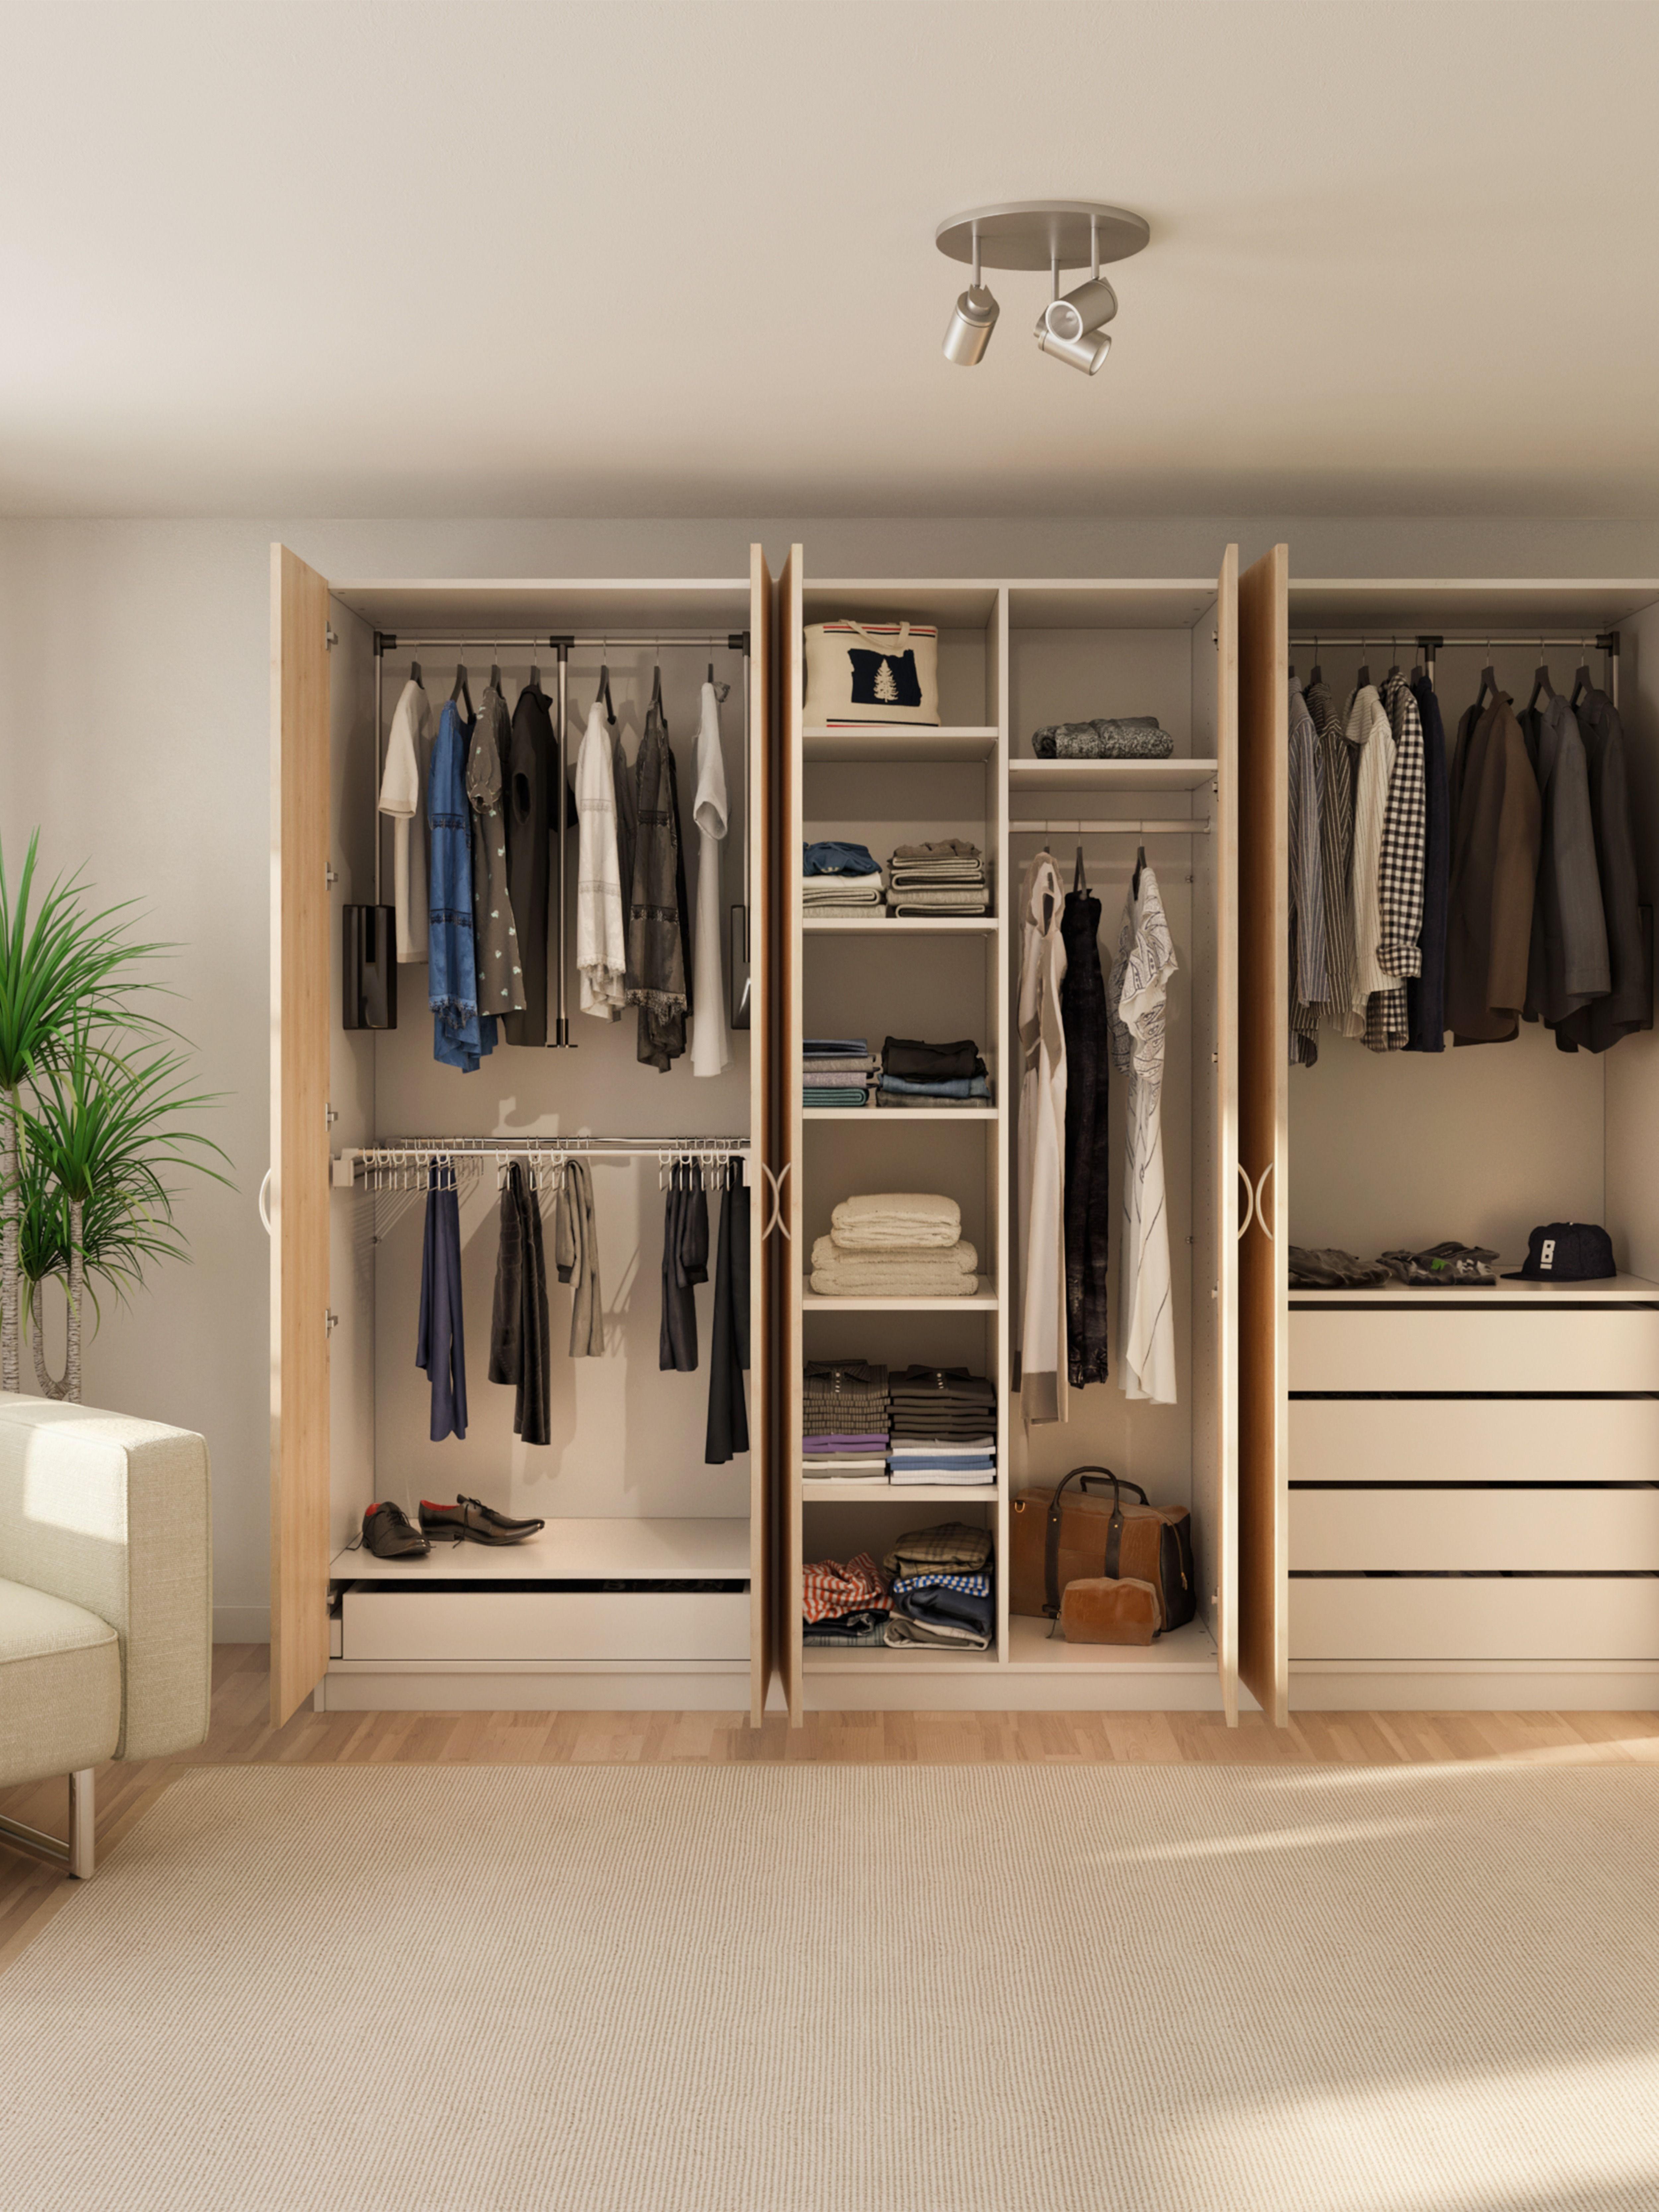 Kleiderschrank mit individueller Ausstattung   Kleiderschrank, Kleiderschrank nach maß, Schrank